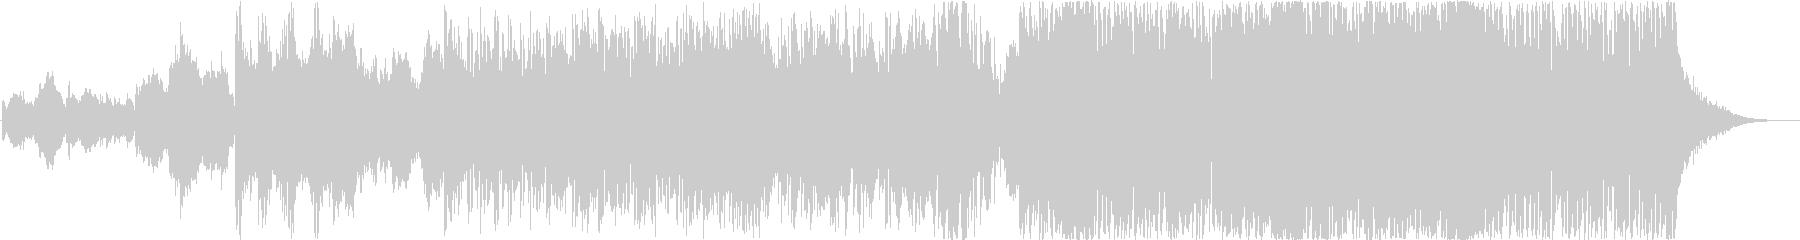 お正月にぴったりな和風オーケストラロックの未再生の波形